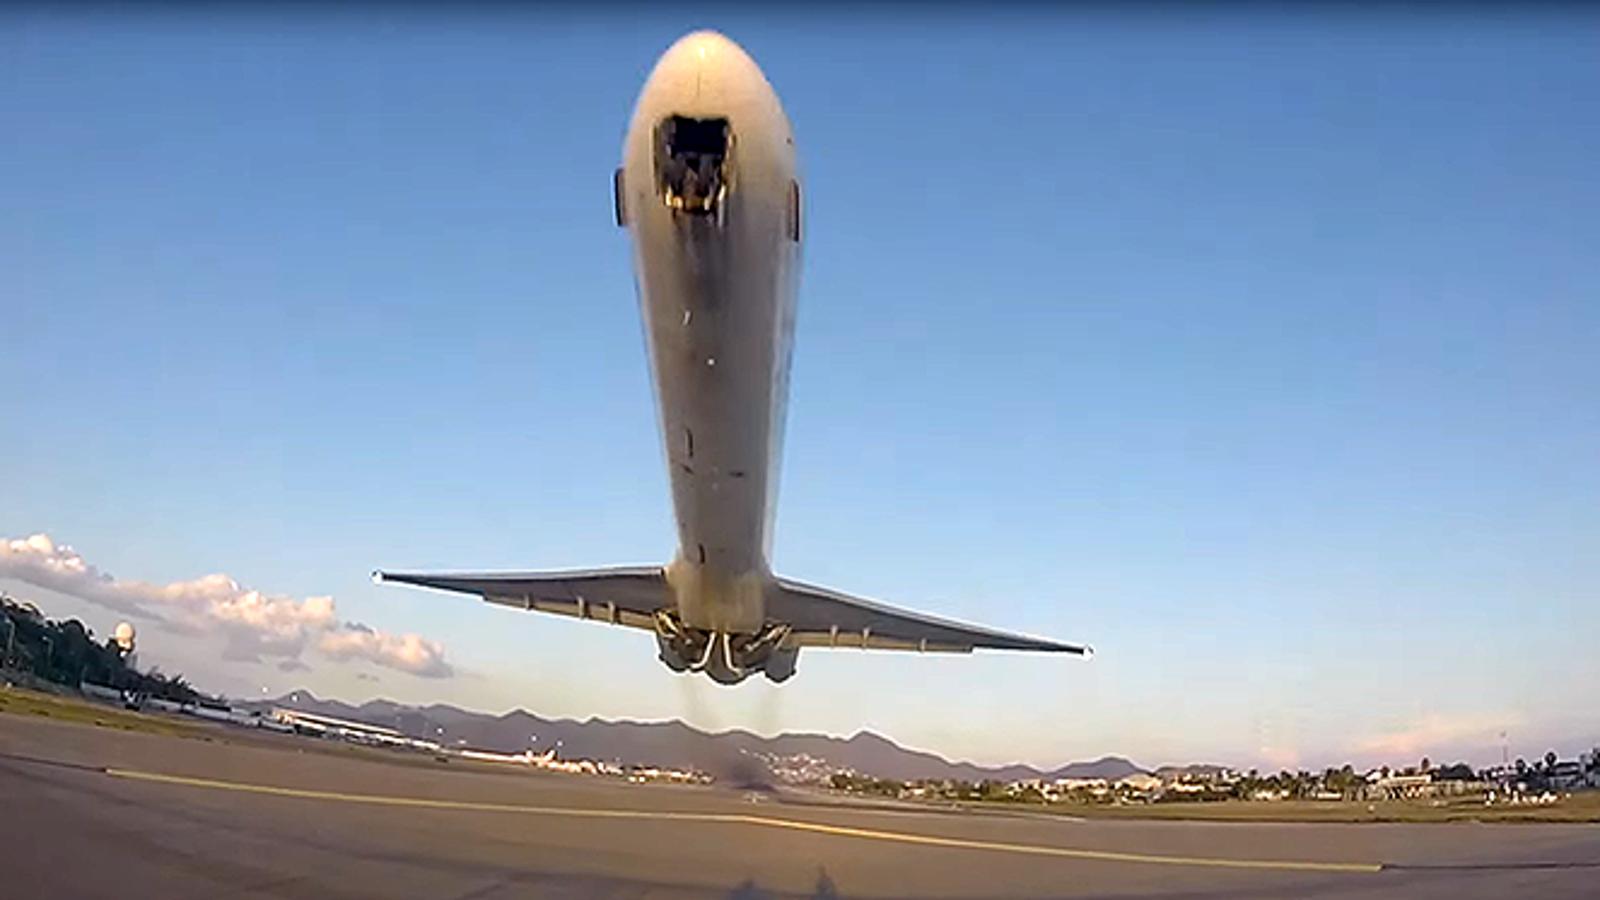 El espectacular despegue de un avión en la isla de San Martín grabado a pie de pista